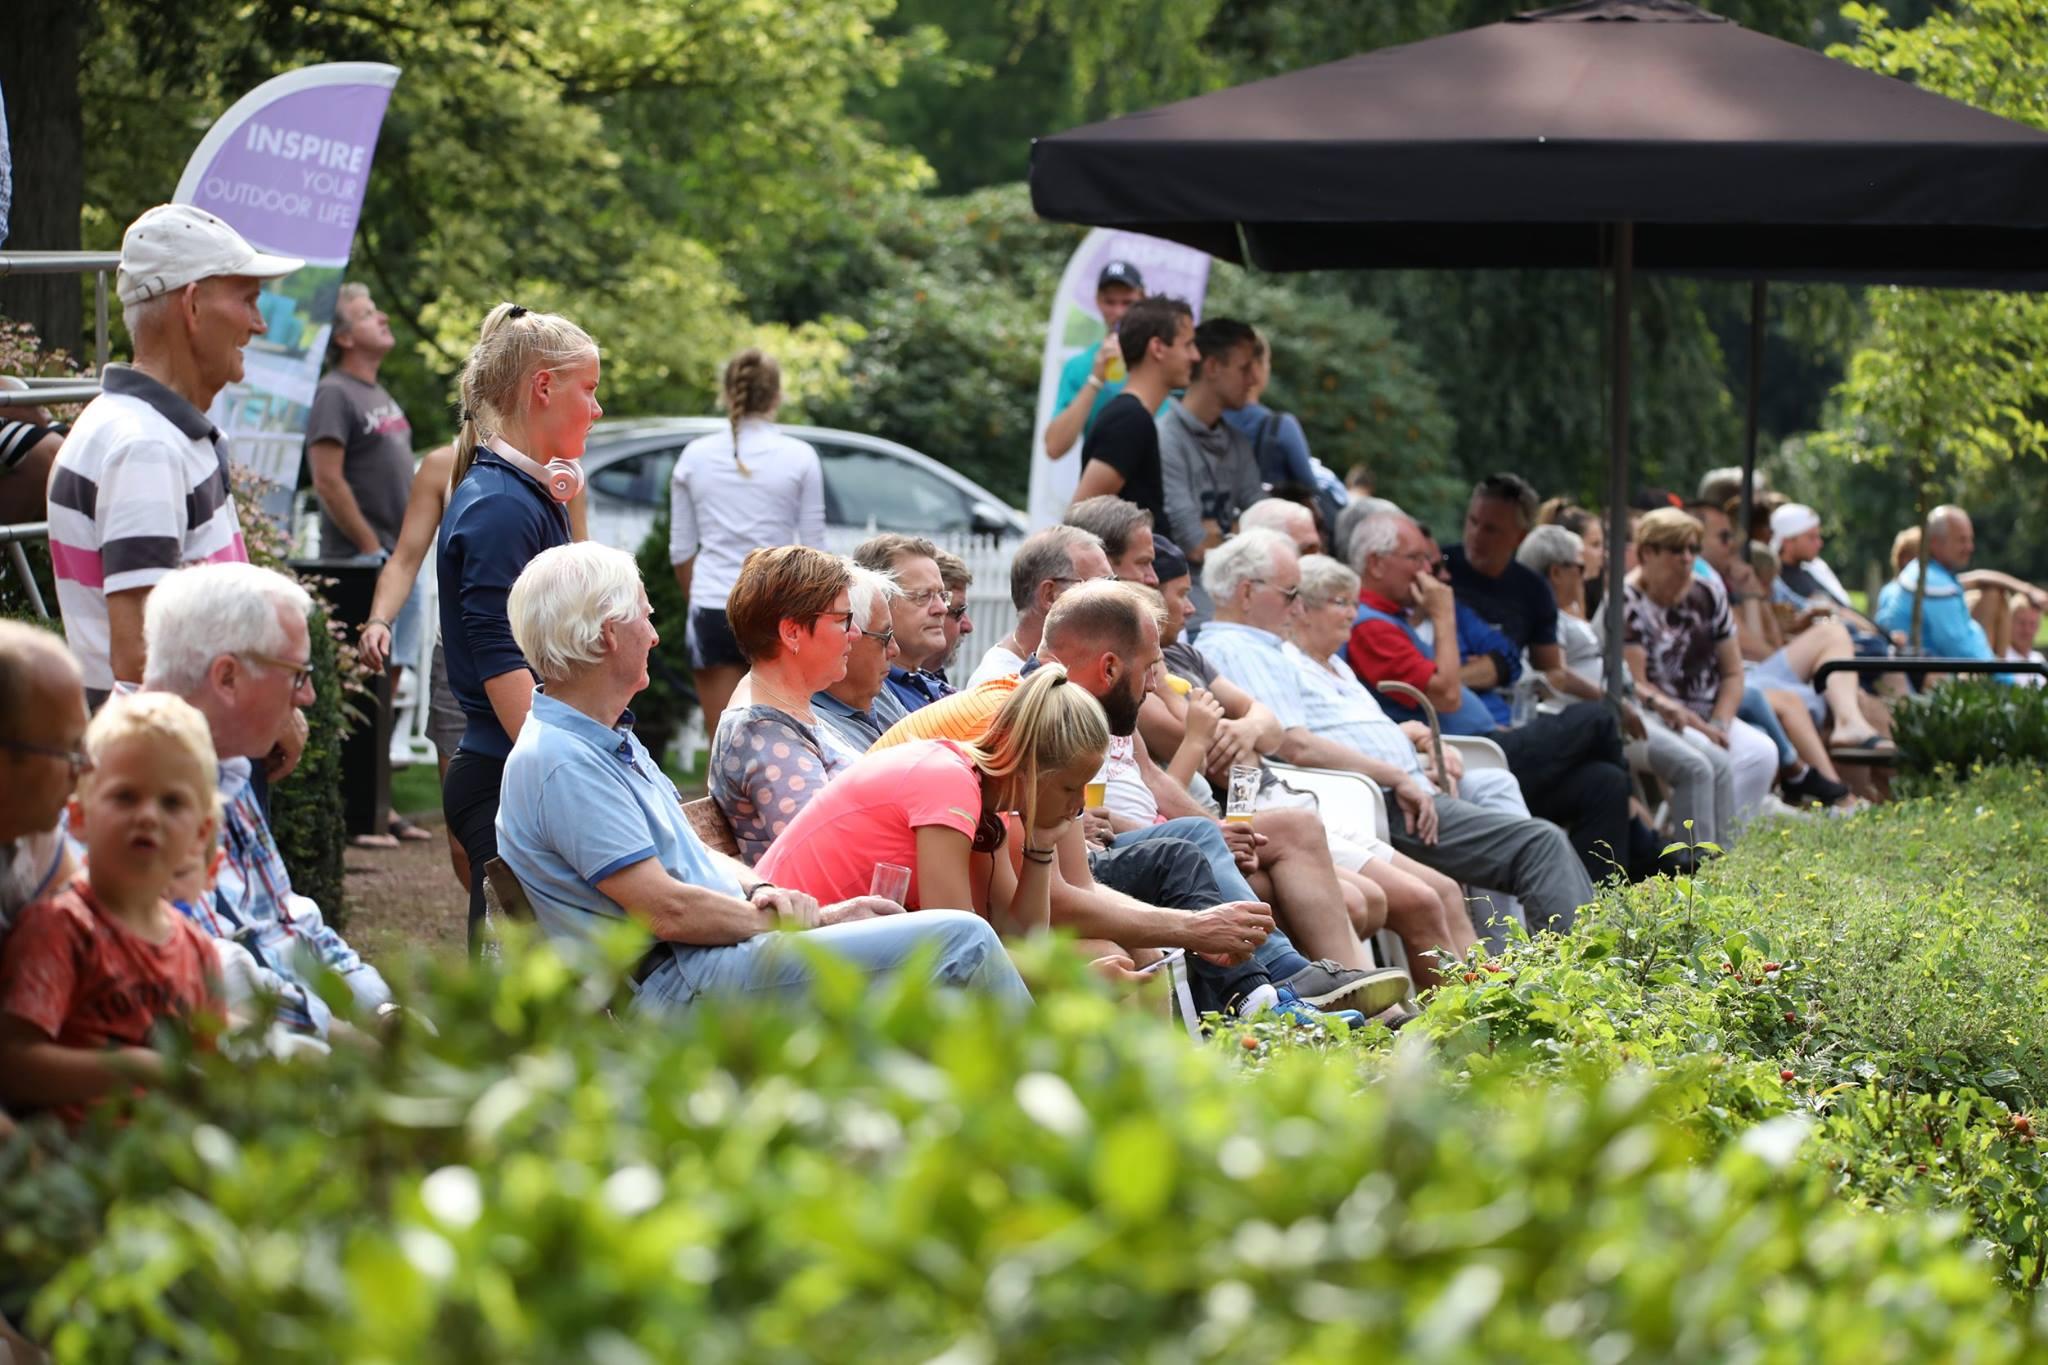 Evenementen - Suus FotoSjop - fotograaf - Oldenzaal - Hengelo - Borne - Denekamp - Enschede - Rabobank - Tennissen